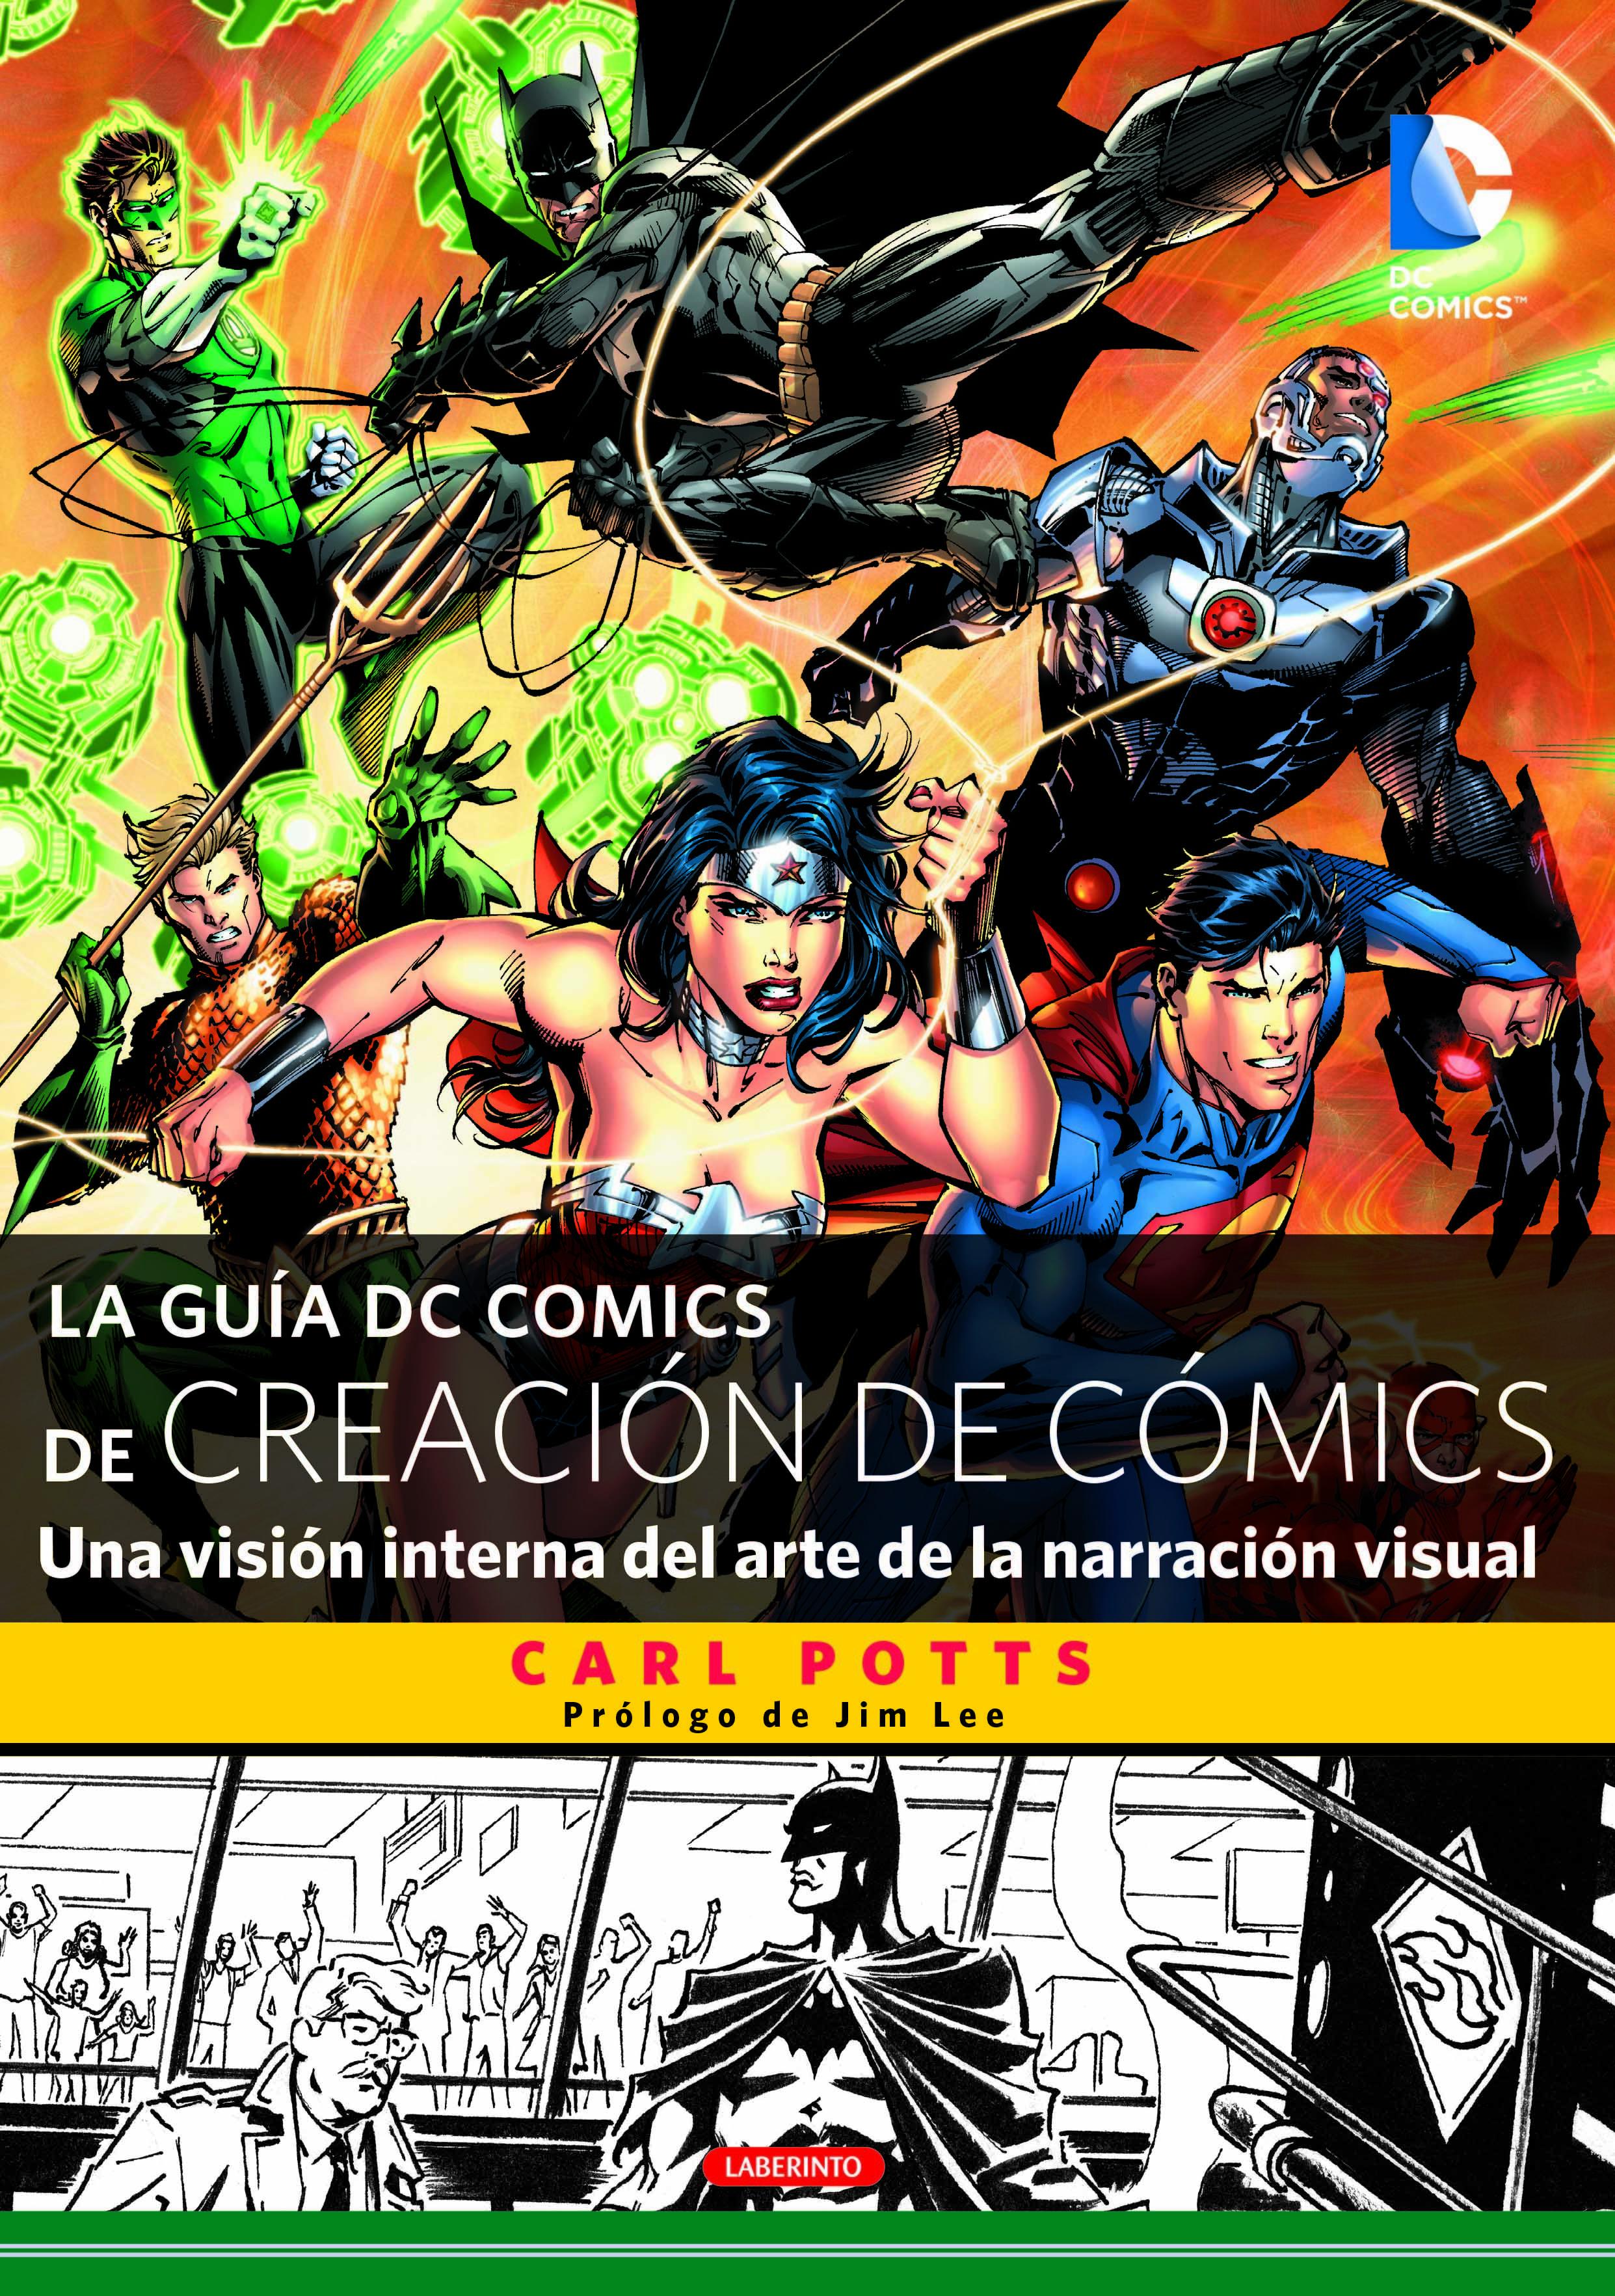 La Guía dc Comics de Creación de Cómics: Una Visión Interna del Arte de la Narración Visual - Carl Potts - Ediciones Del Laberinto S. L